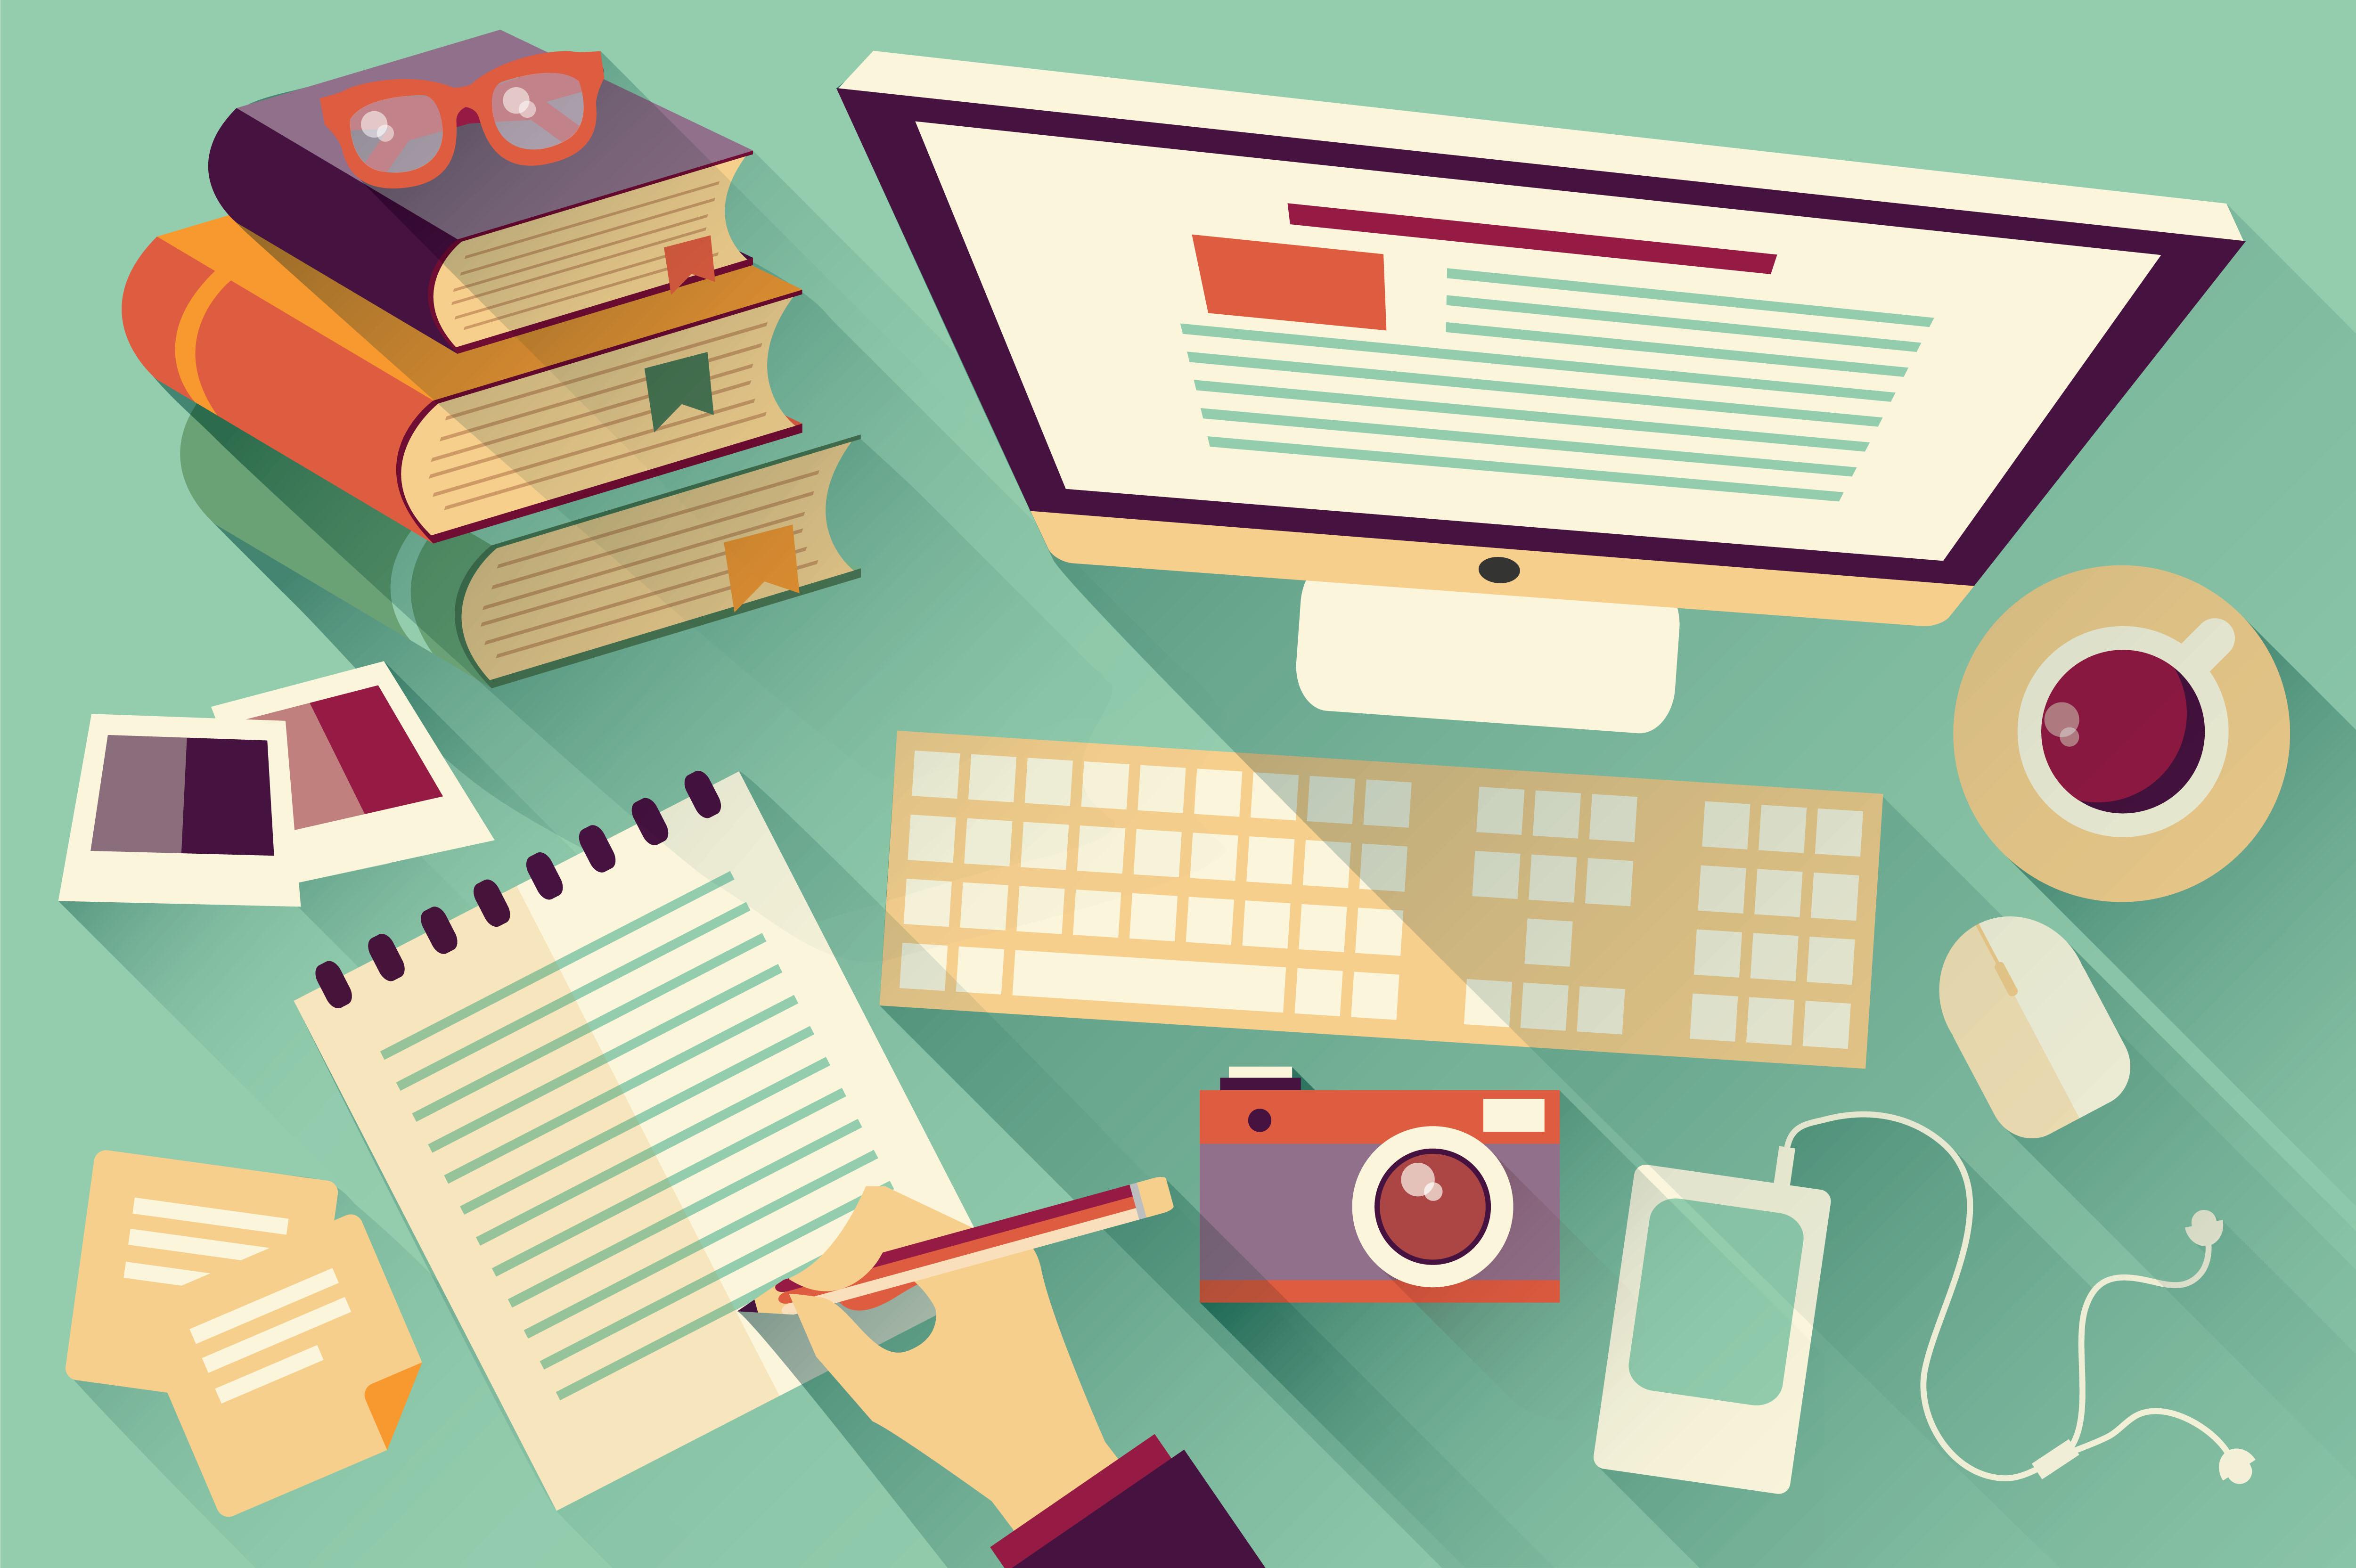 Визуальное оформление текста на сайте: главные методы, средства и инструменты